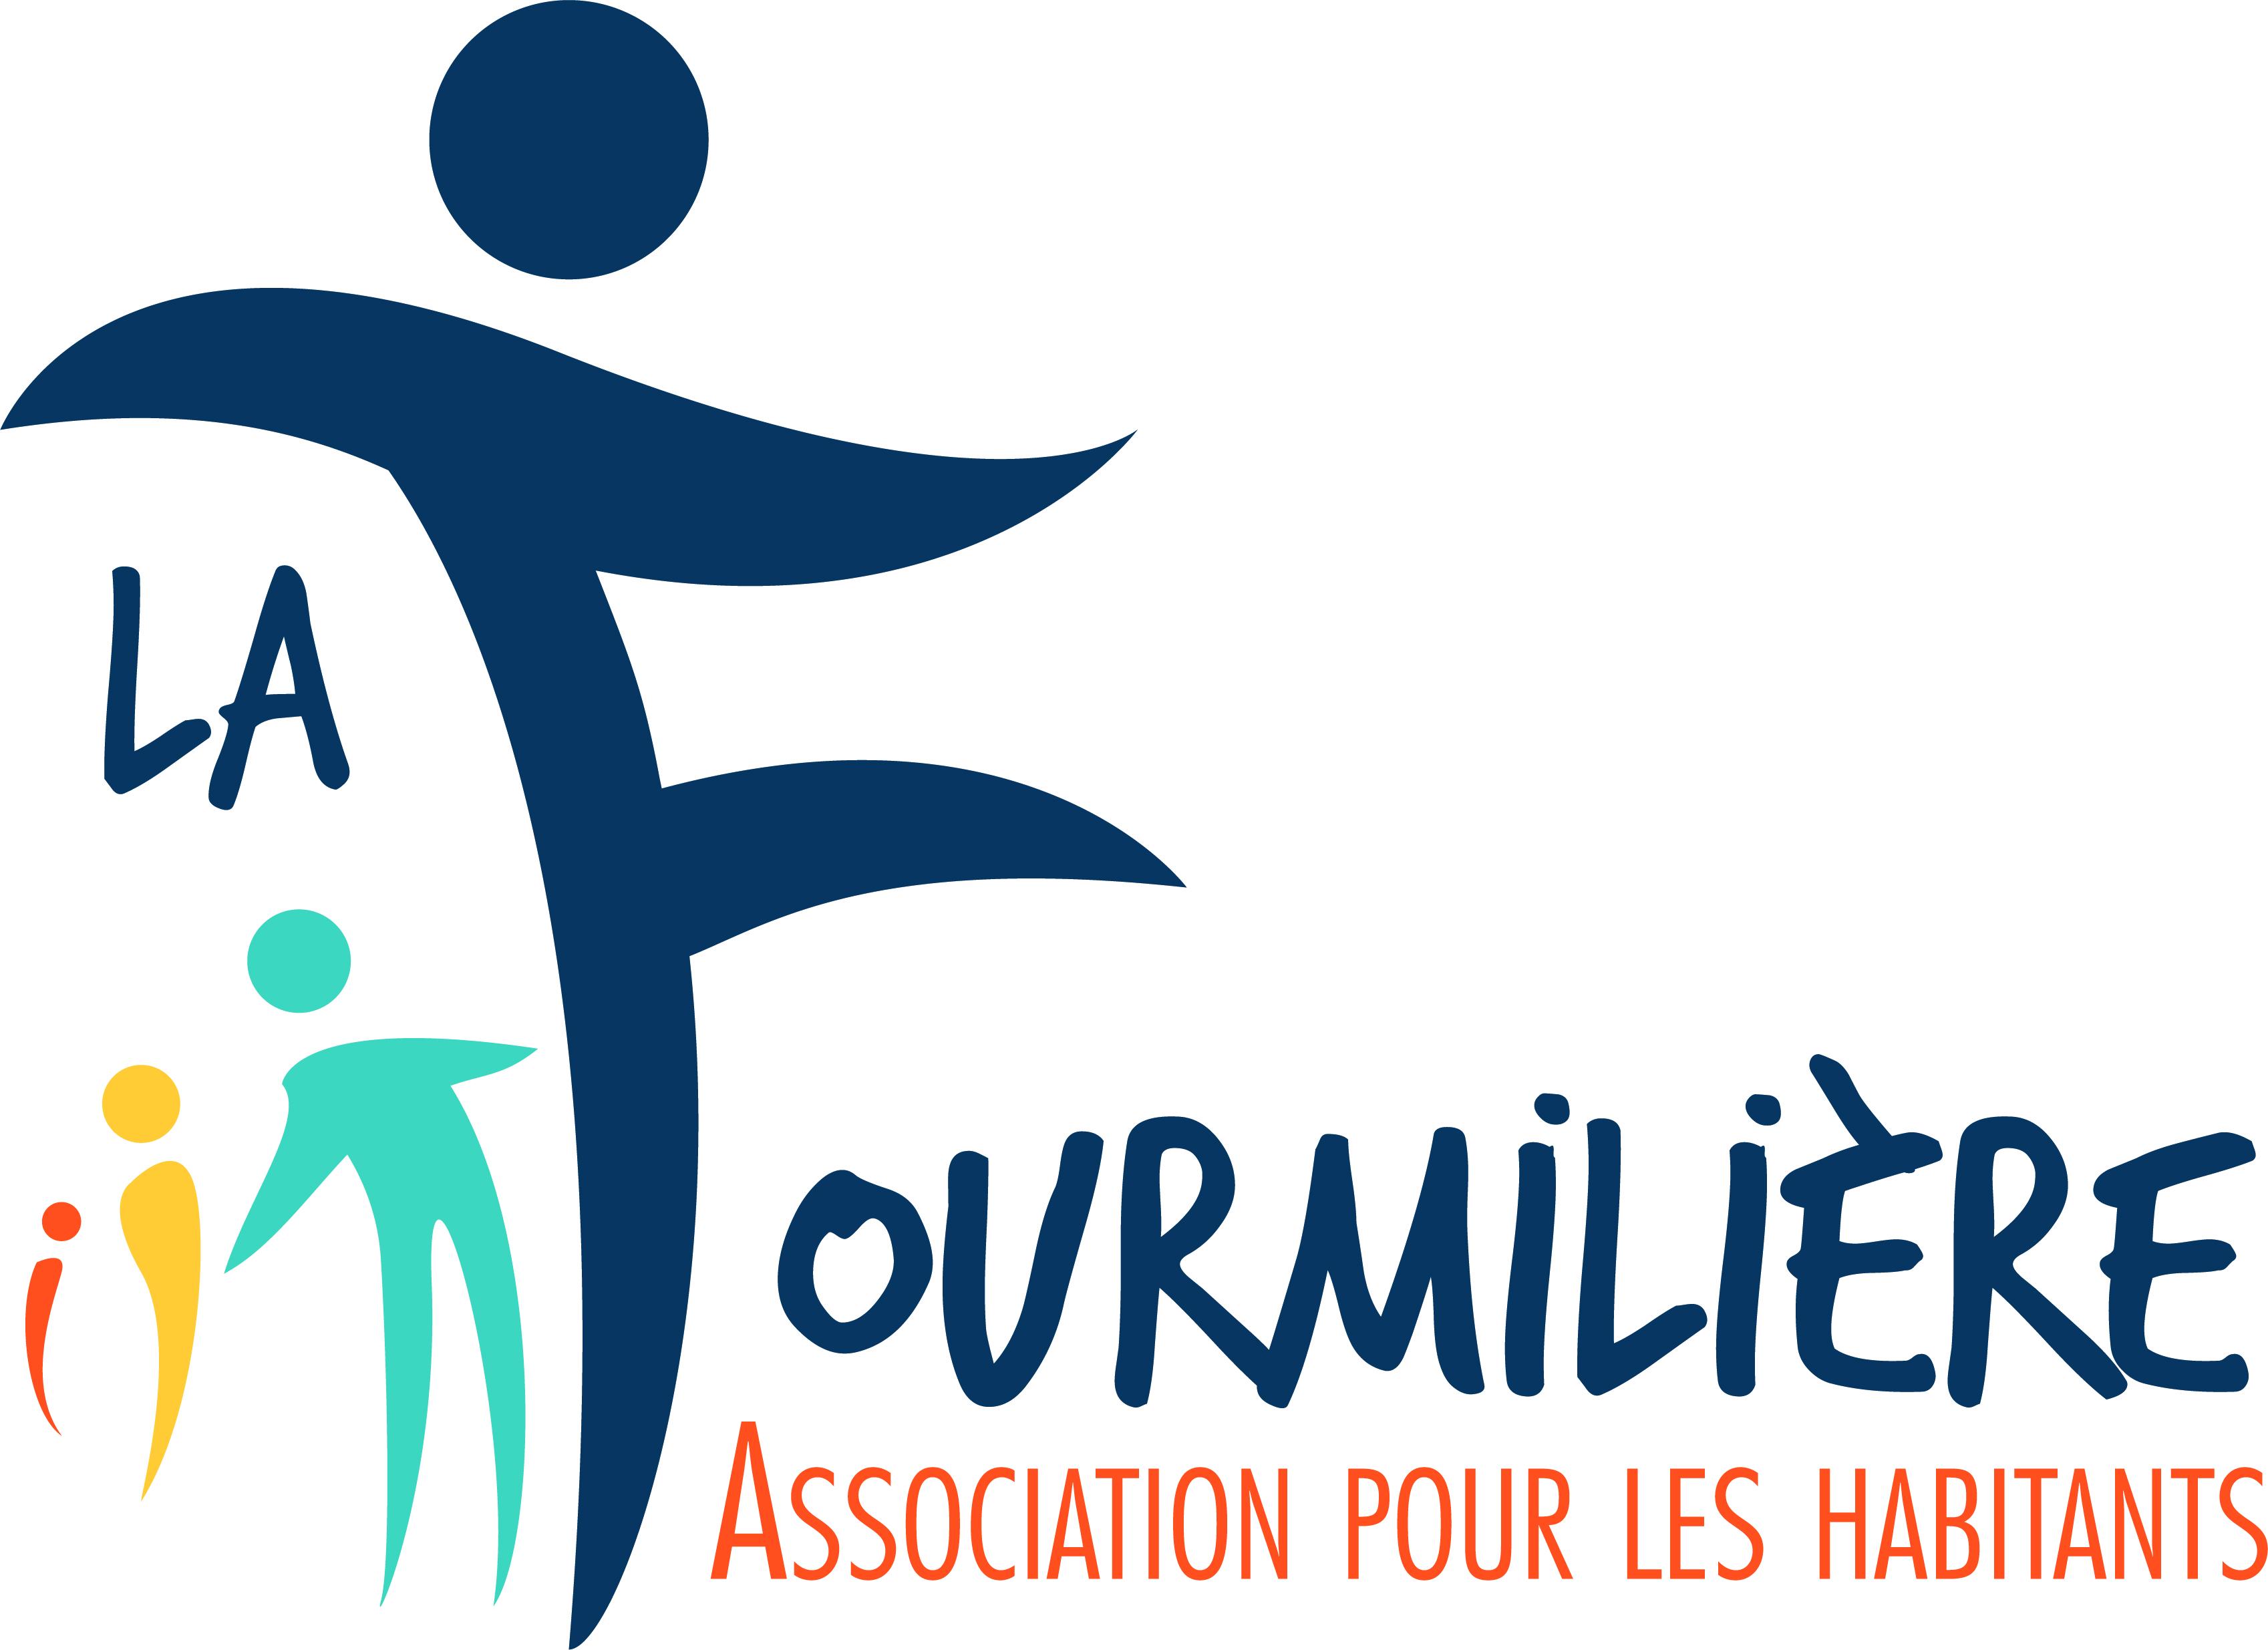 La Fourmiliere Association Pour Les Habitants Saint Jean De Maurienne